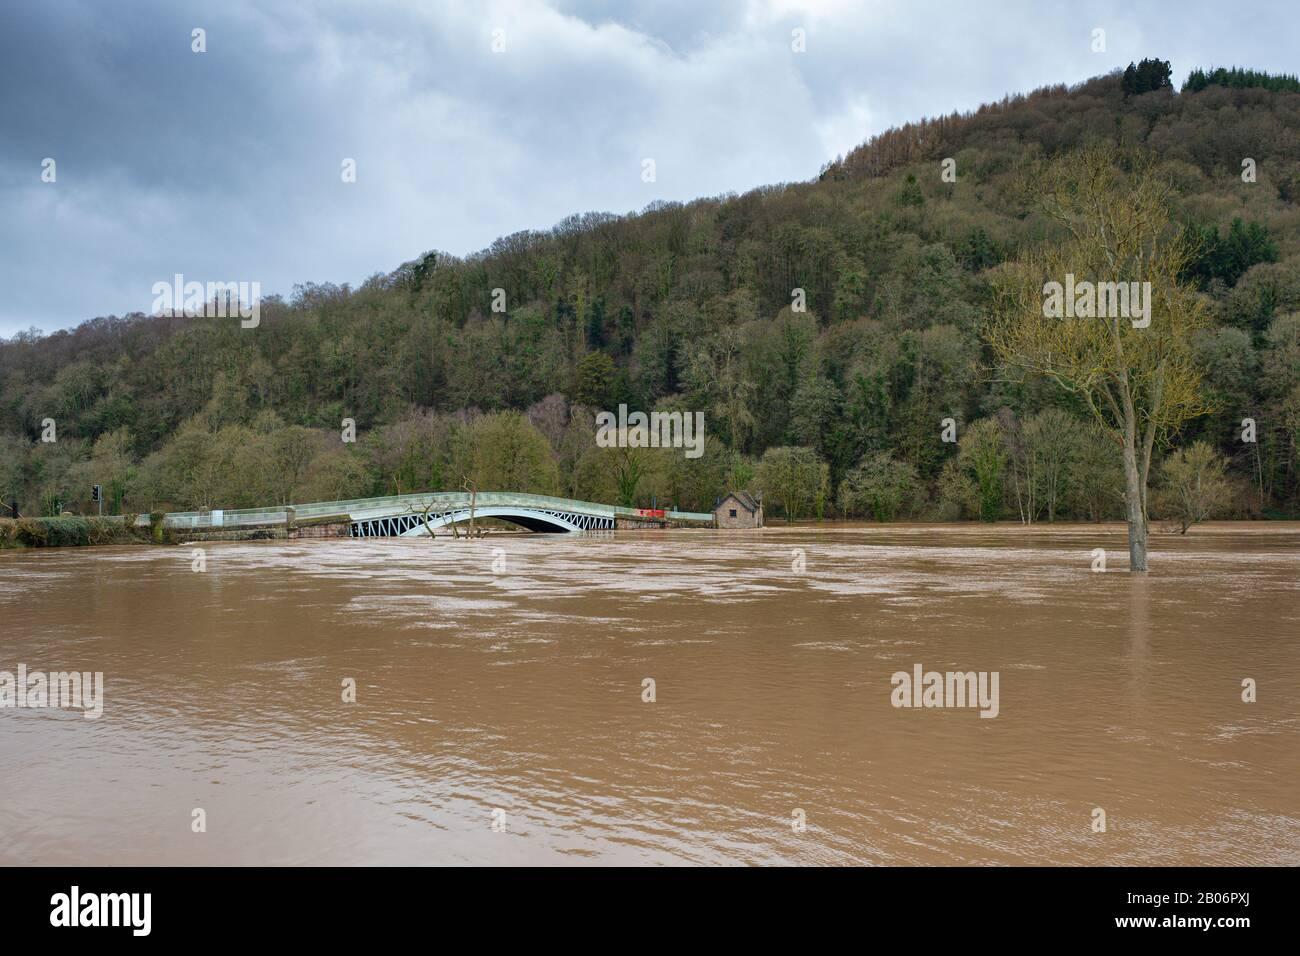 El río Wye en spate en Bigswoir en la frontera de Monmouthshire - Gloucestershire. Febrero De 2020. Foto de stock